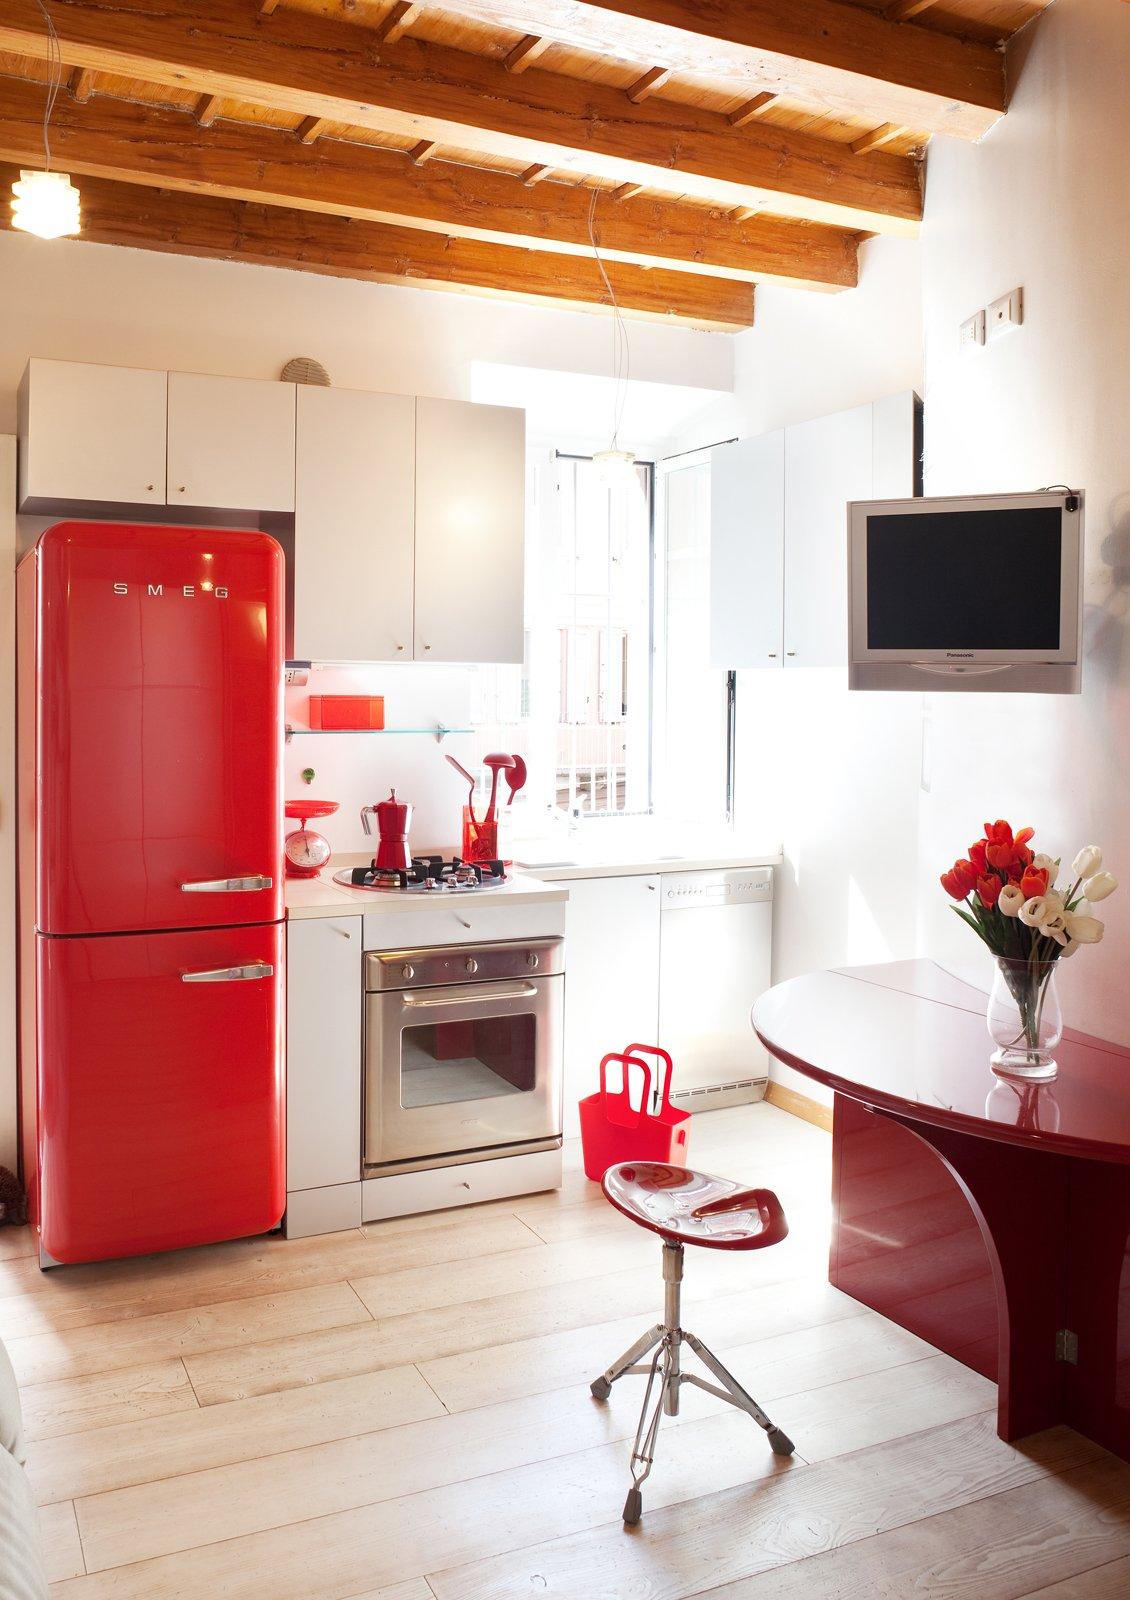 Monolocale di 25 mq con soluzioni salvaspazio cose di casa for Piccole immagini del piano casa